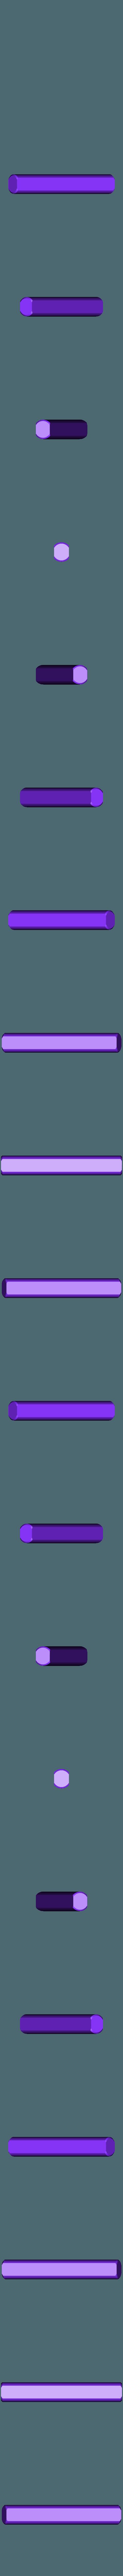 Shaft 1  - Welle 1.stl Télécharger fichier STL gratuit Rapport d'engrenage 1:2 / Zahnradsatz 1:2 Übersetzung • Plan imprimable en 3D, CONSTRUCTeR